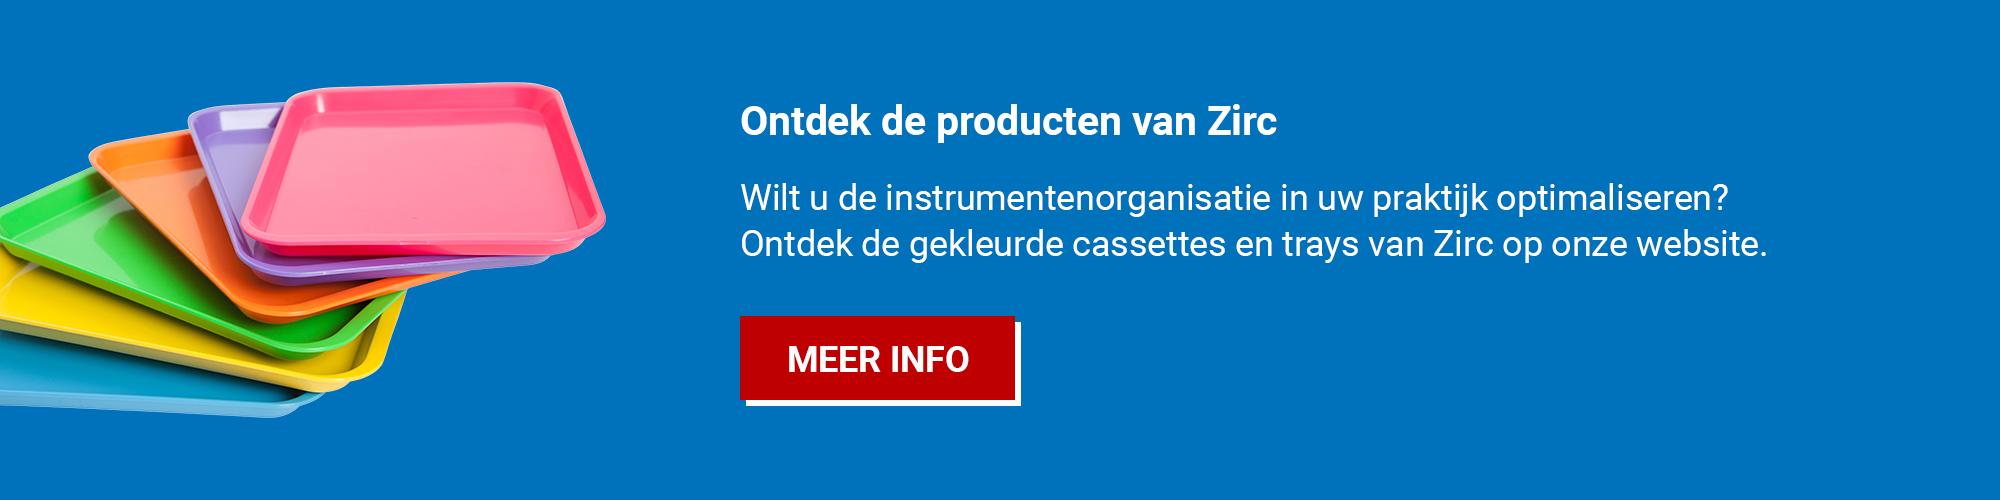 Ontdek de Zirc instrumenten trays voor tandartsen